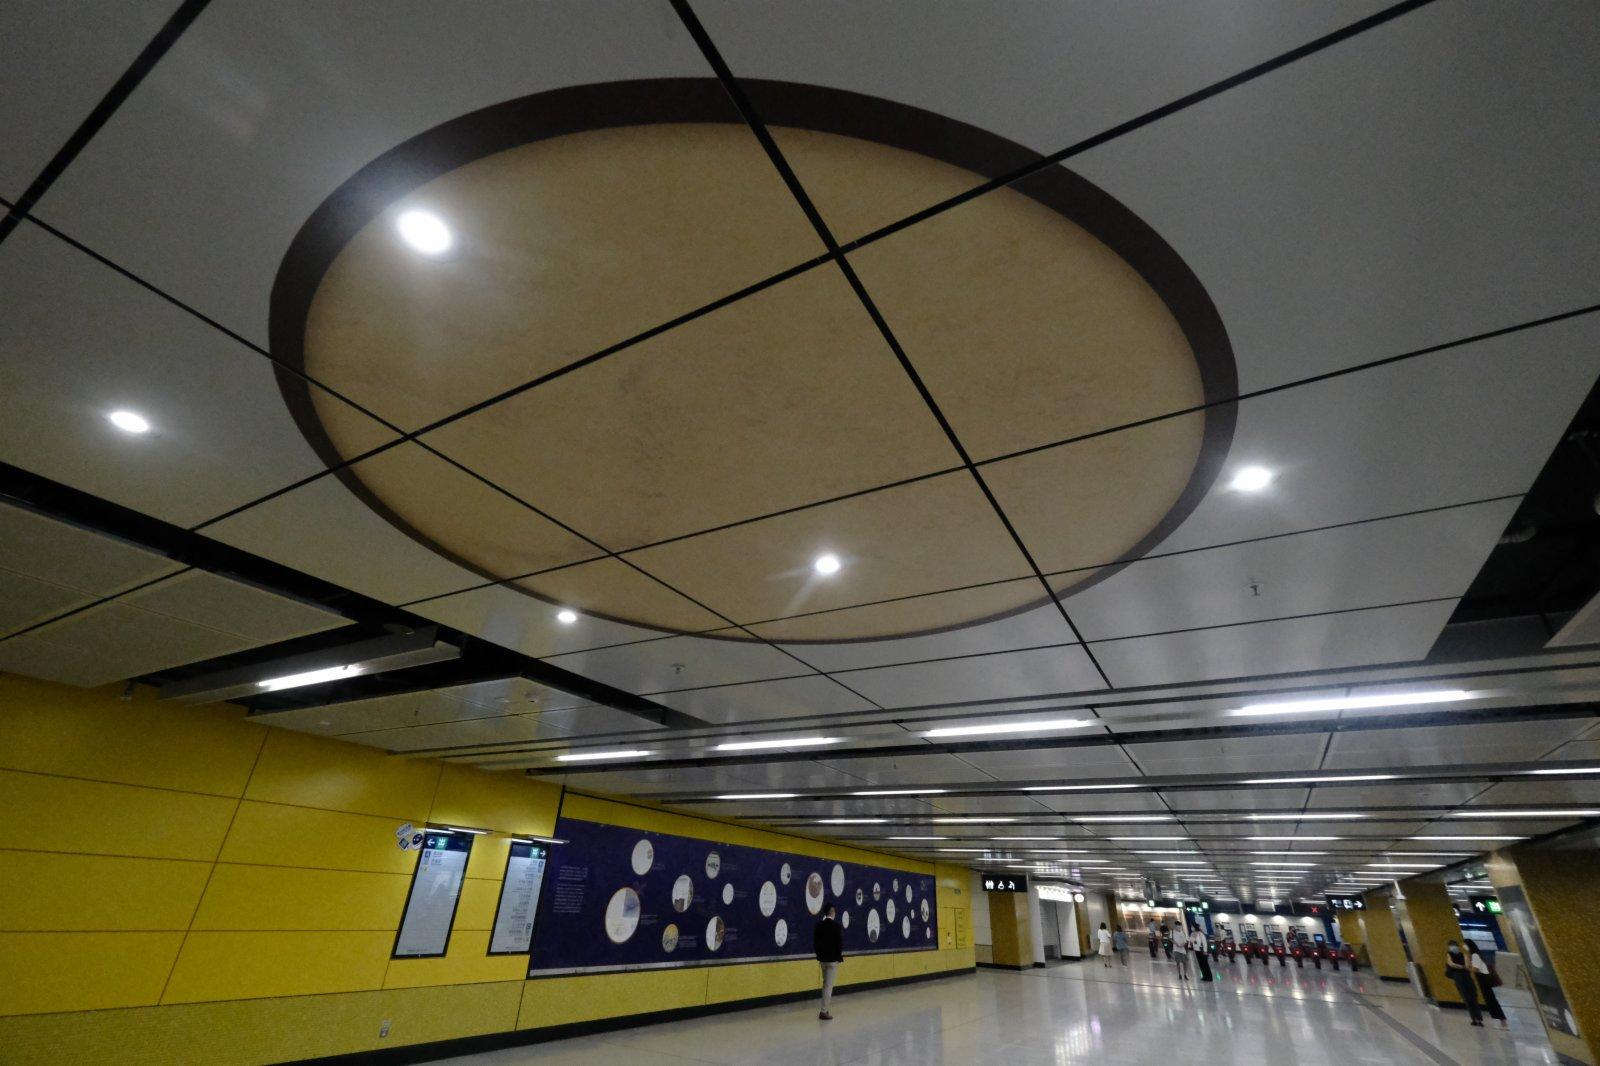 宋皇臺站車站大堂部分頂蓋將會換成透明底板,乘客可仰望觀賞古井的底部。(香港文匯報陳大文攝)